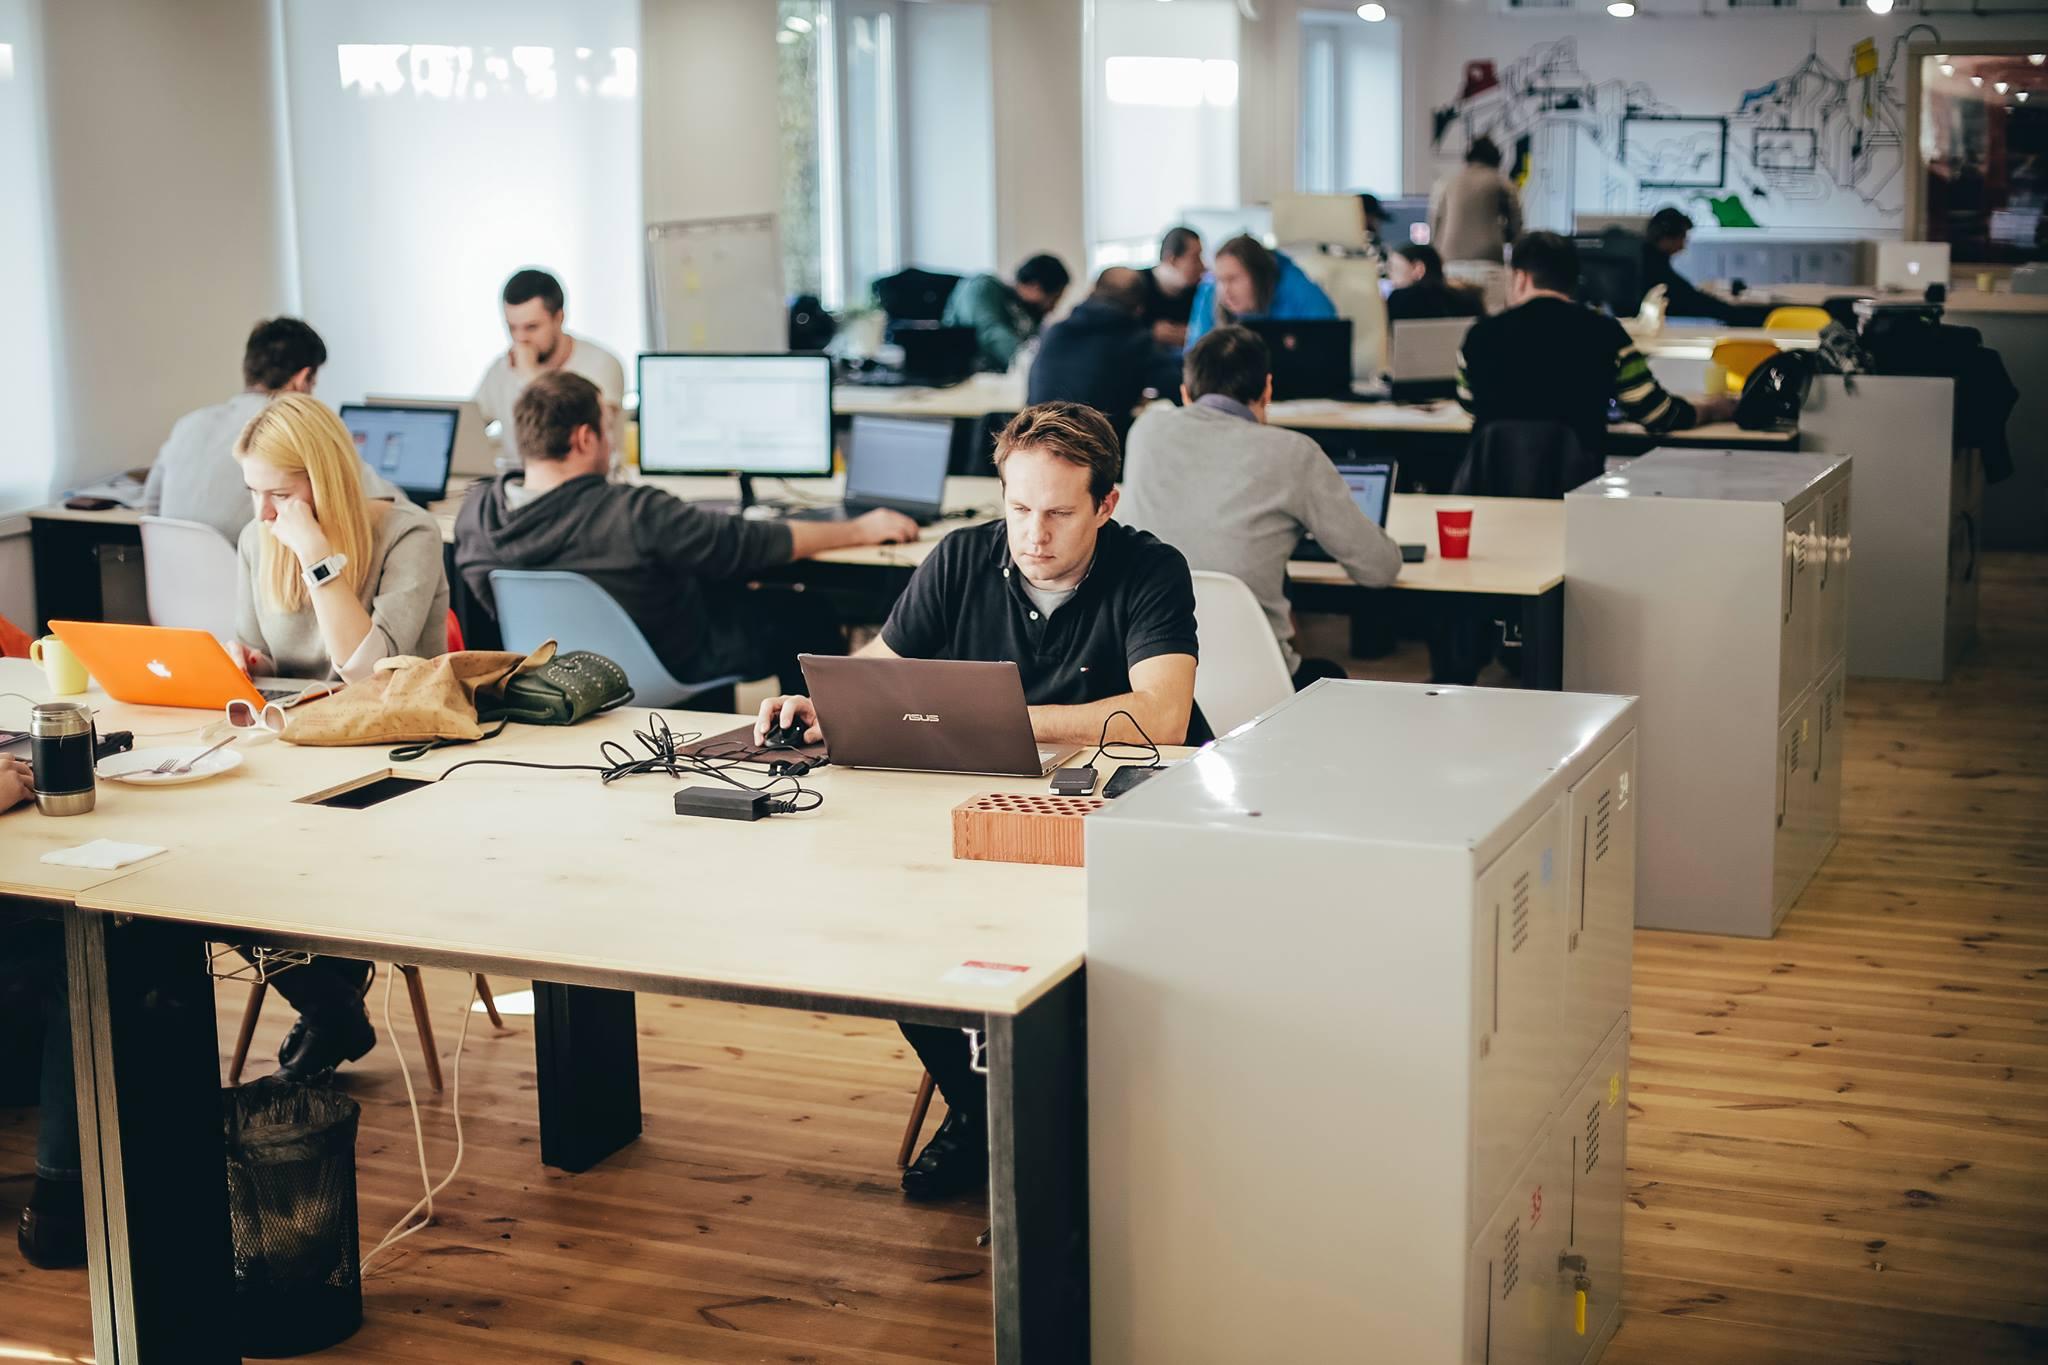 Свободные пространства начинают занимать все большую долю в столичных бизнес-центрах